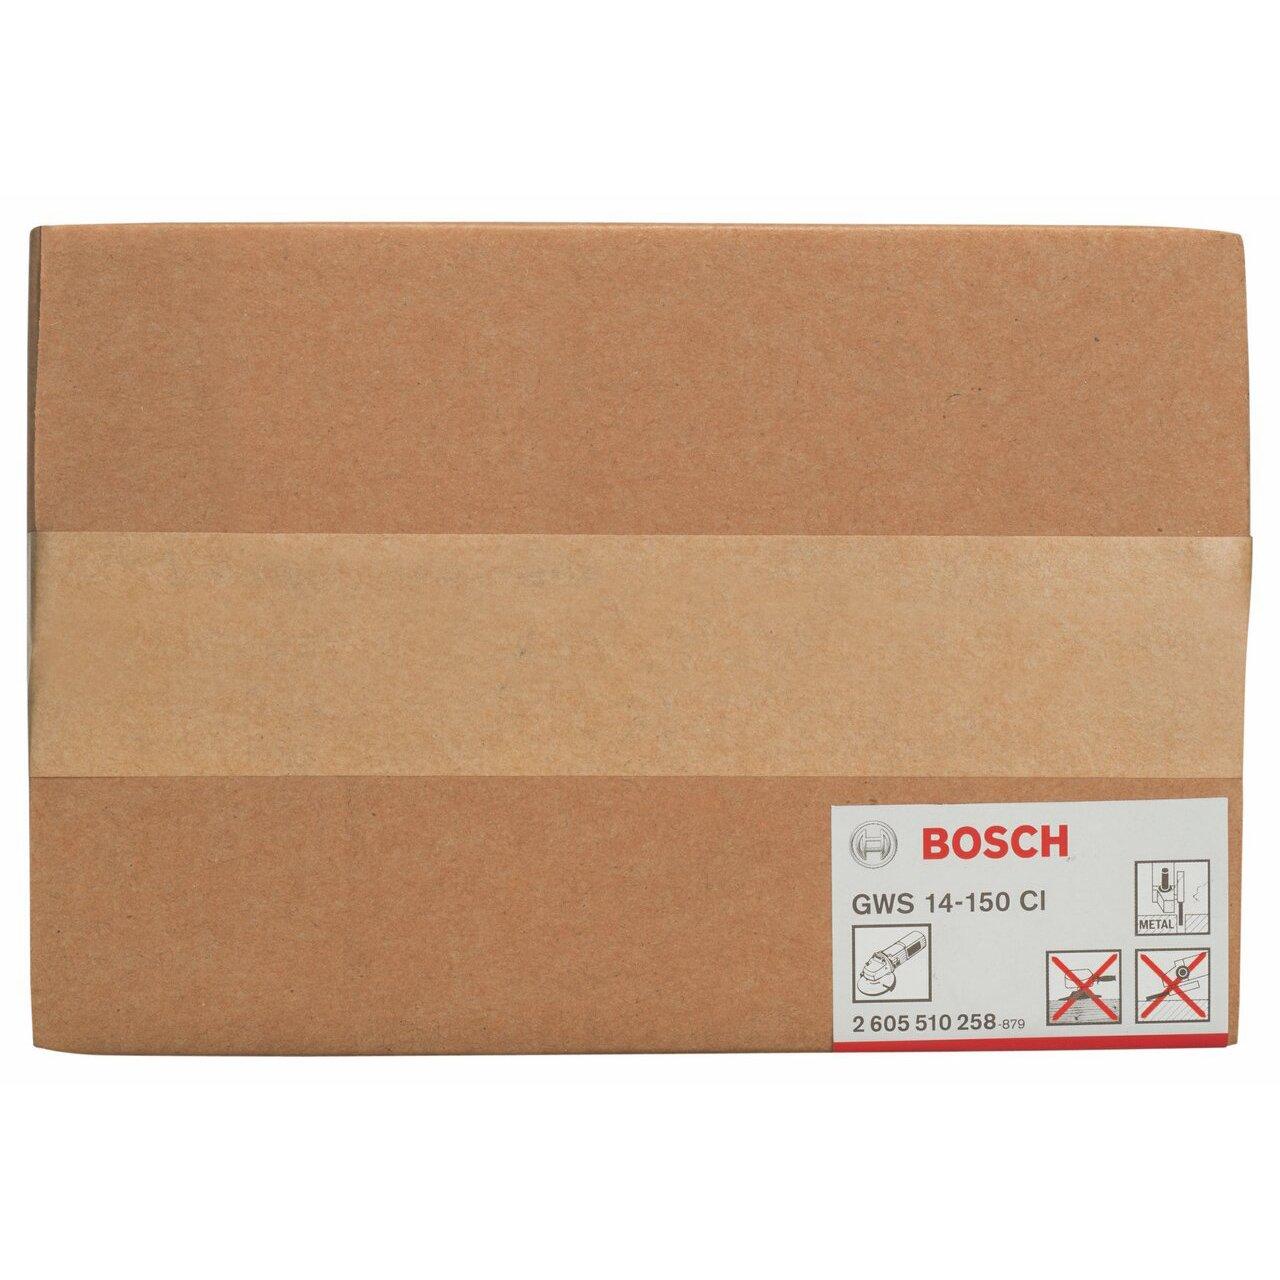 Linear Ball Bushing - Sm12Guu Bosch 2605510258